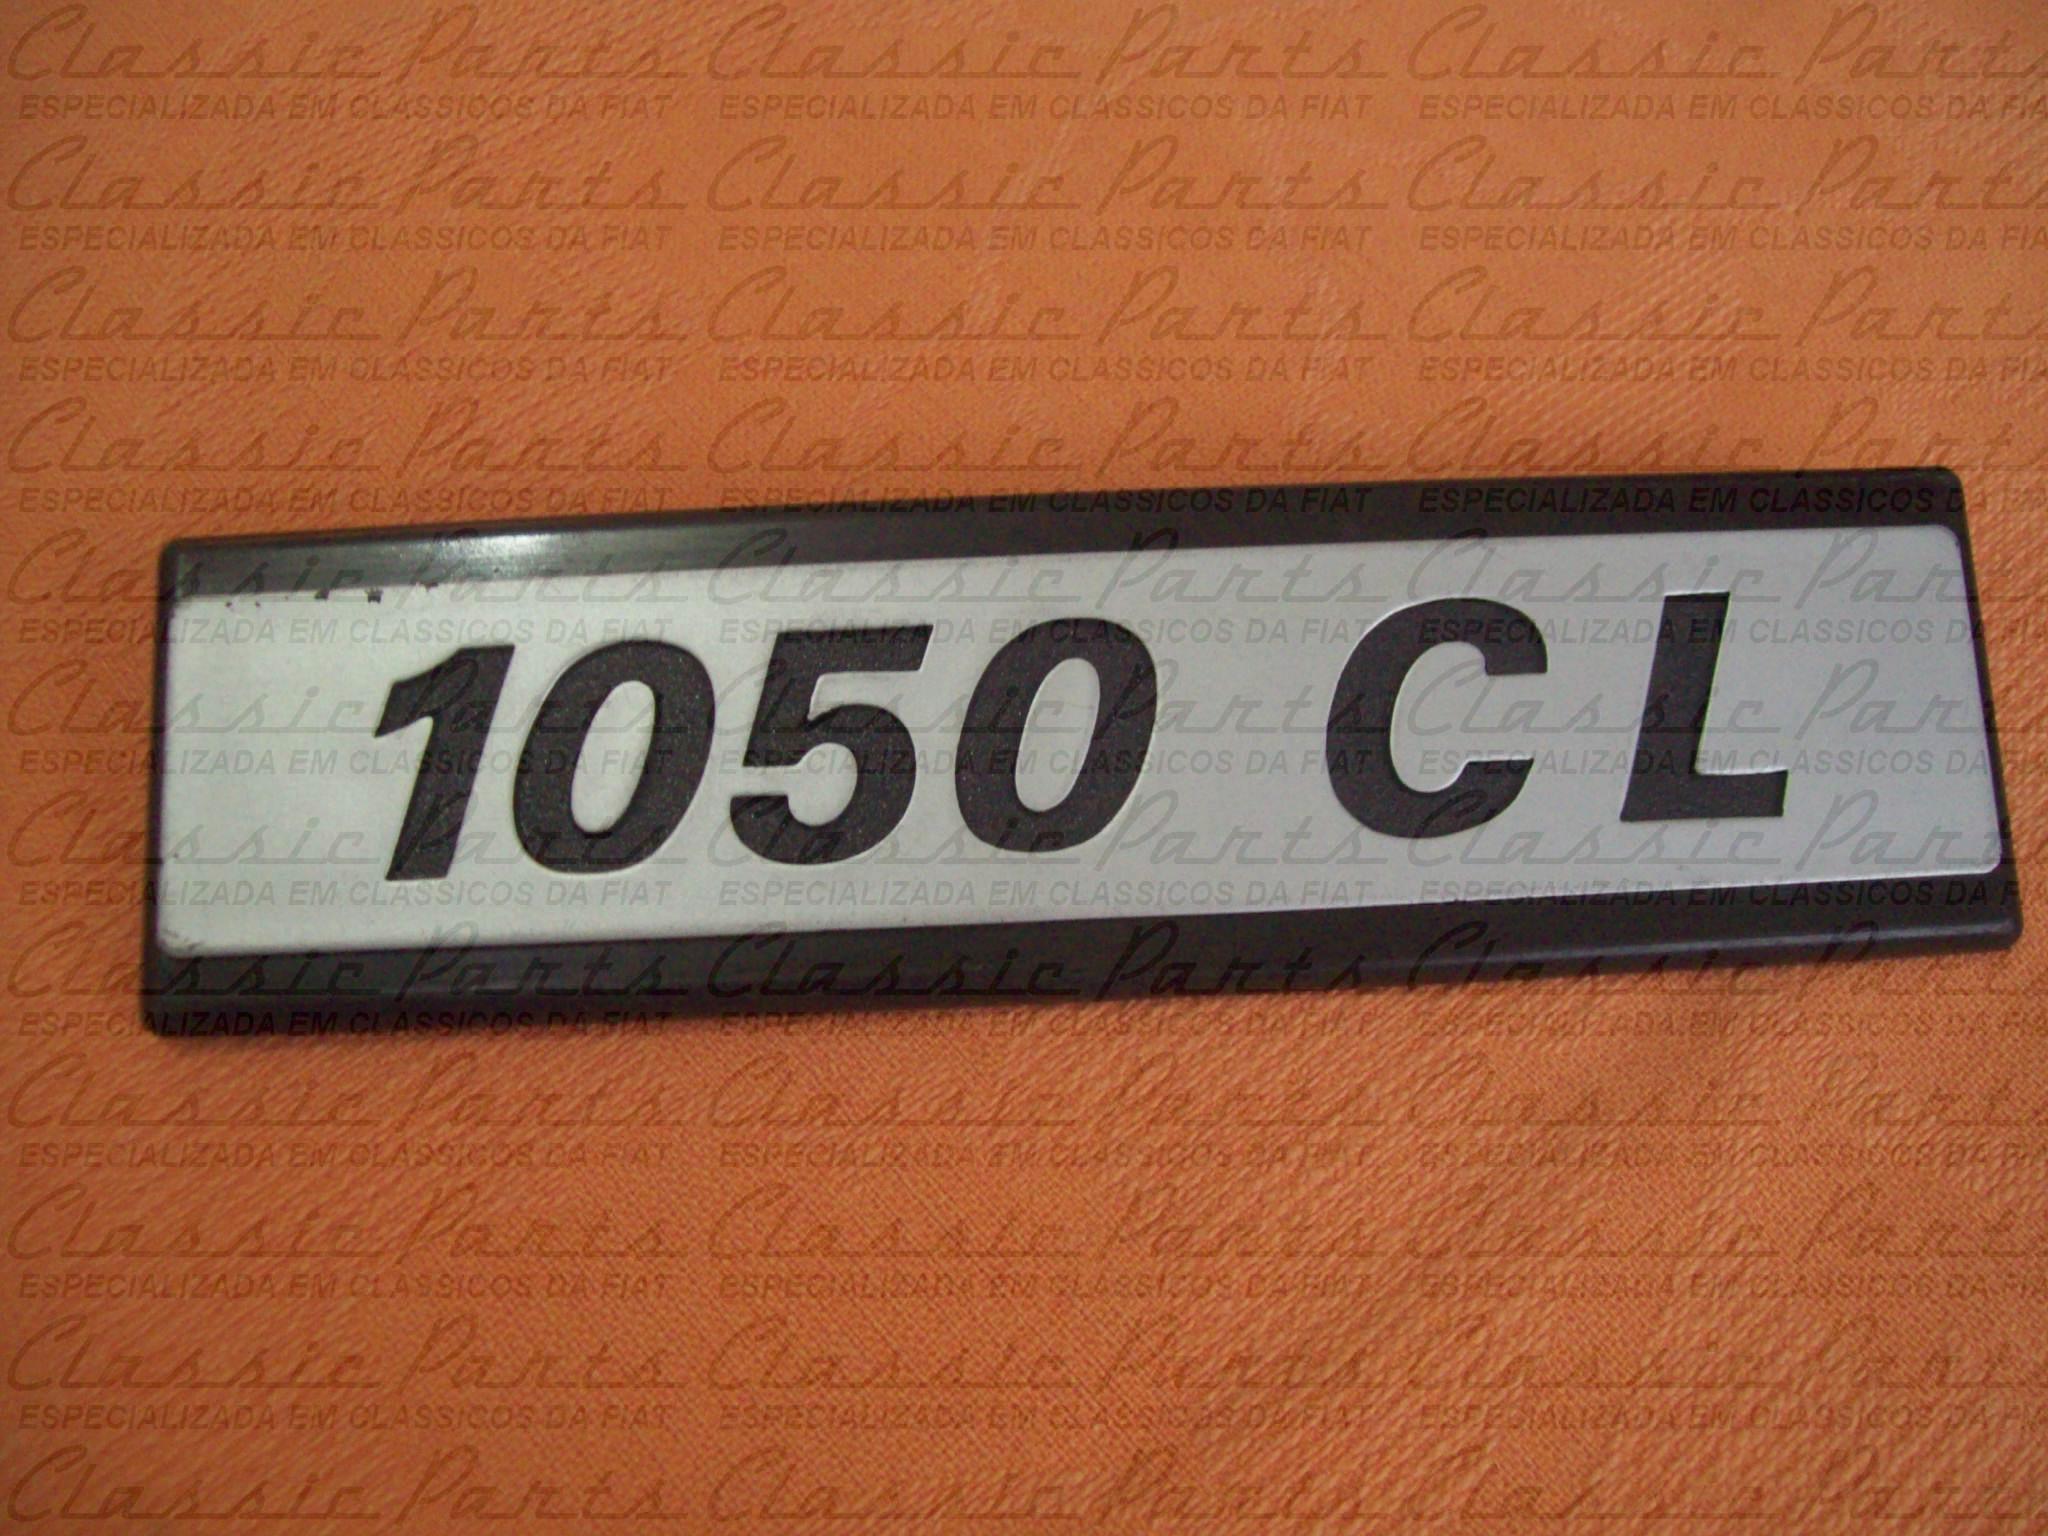 EMBLEMA  LATERAL 1050 CL ORIGINAL